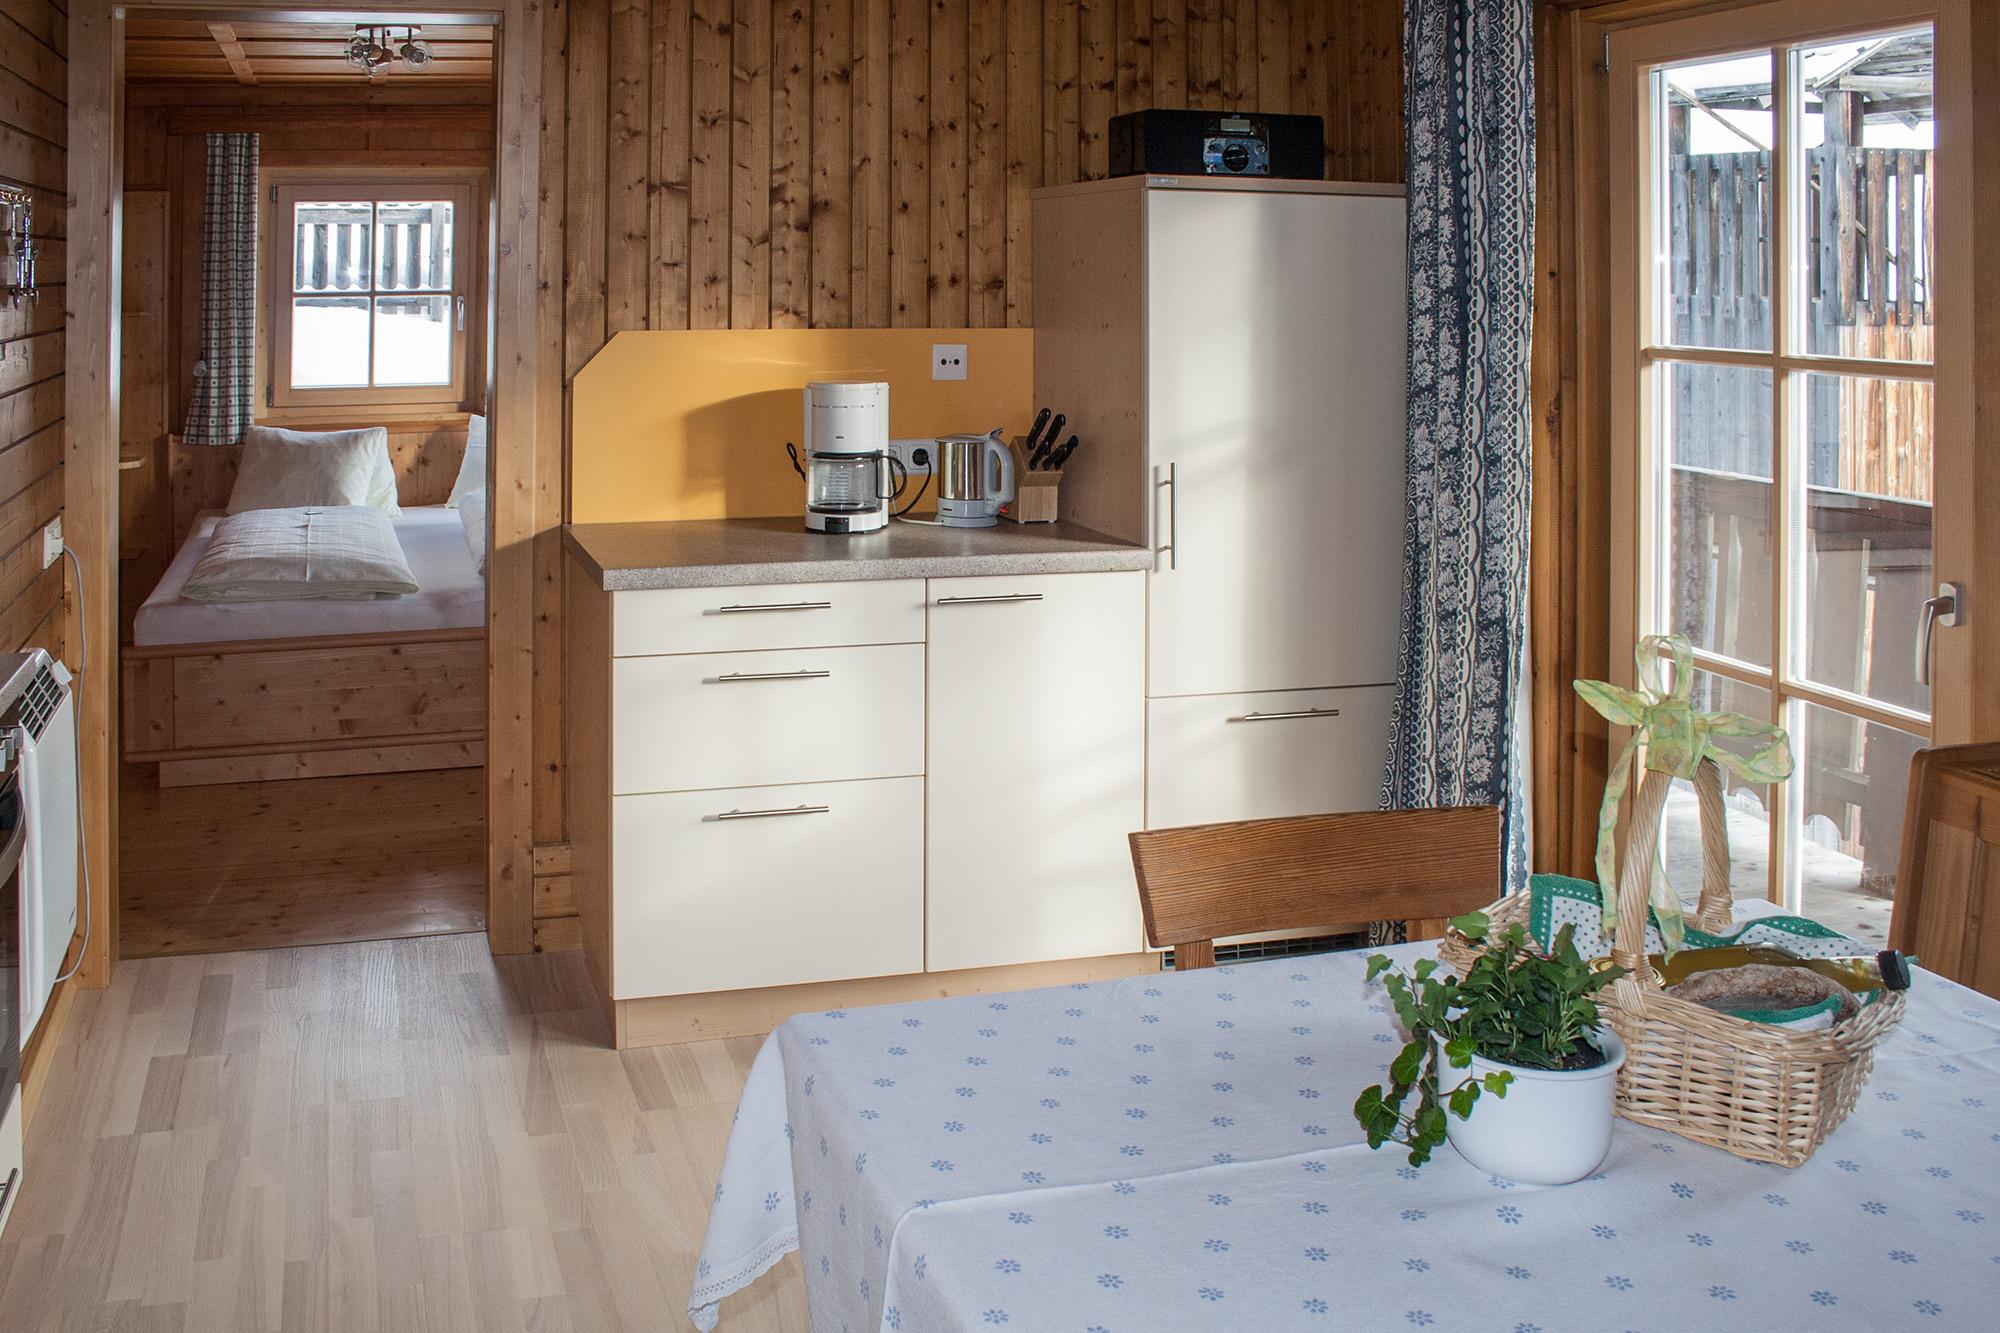 Foto der Küche in der Ferienwohnung Morgensonne.